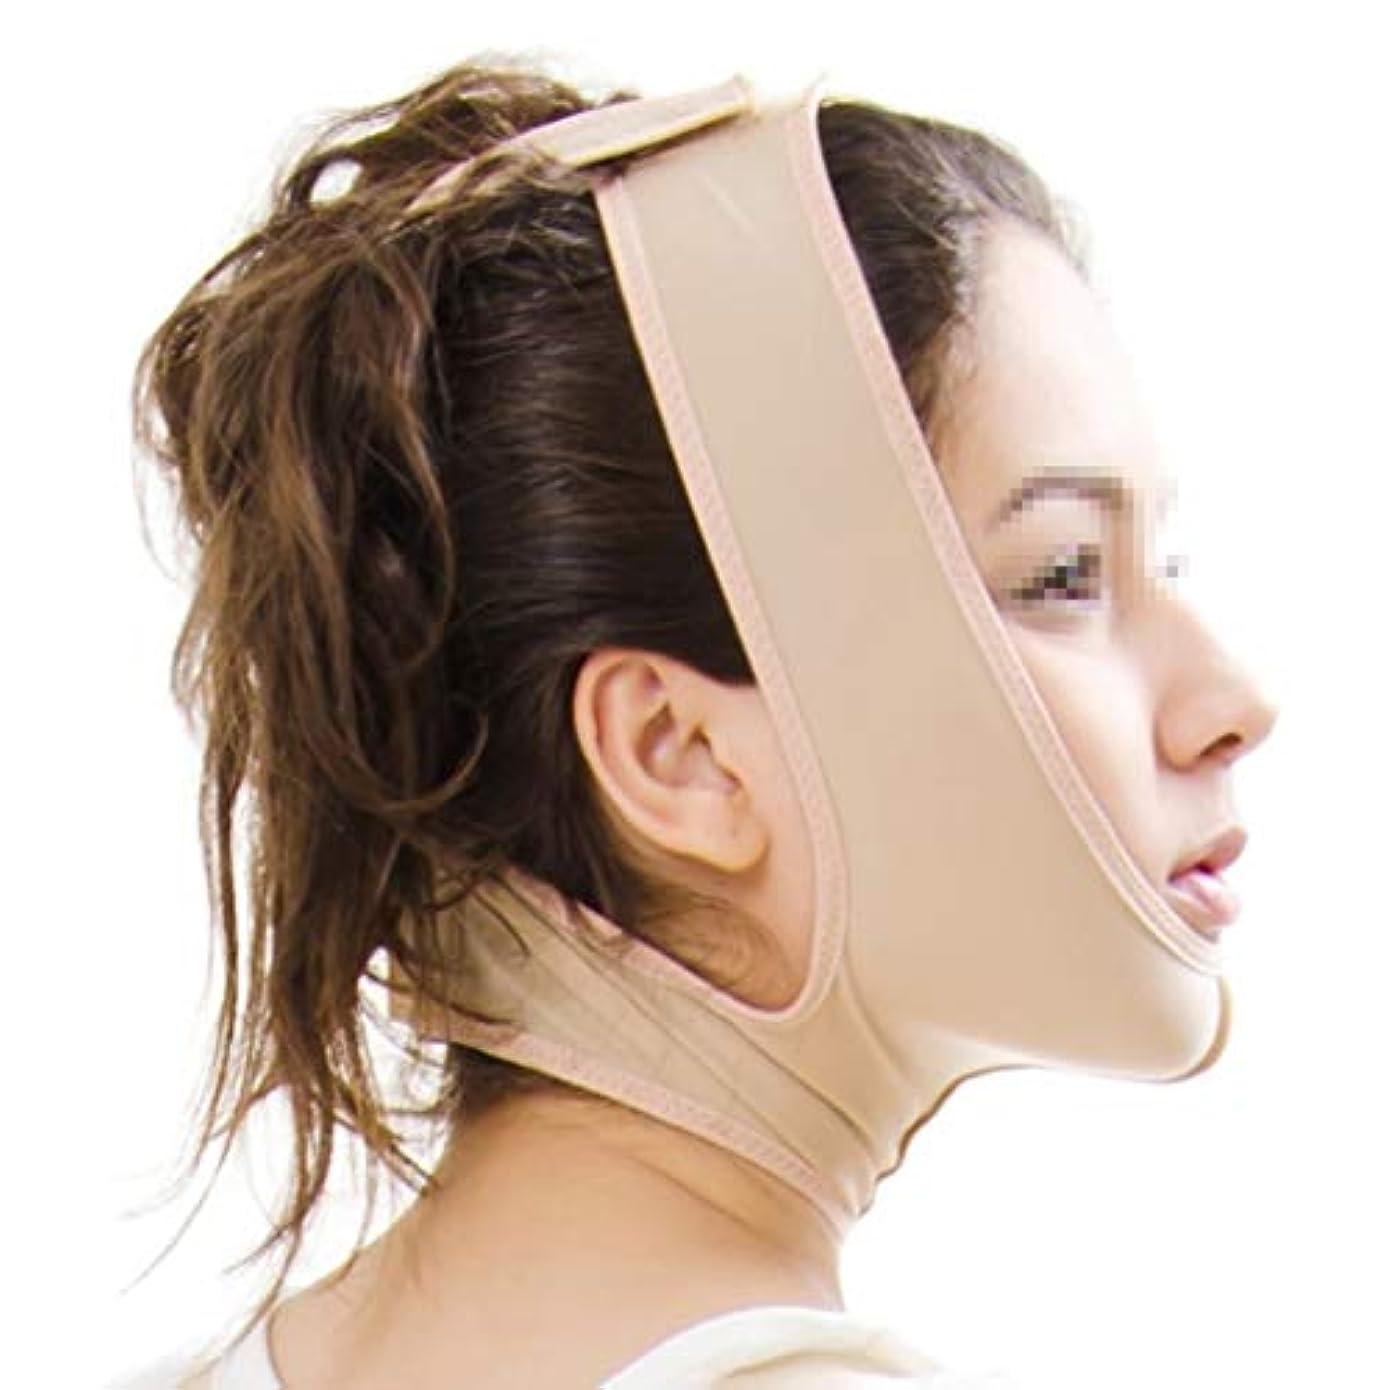 ランチョンジム歌詞フェイスリフトマスク、顎首スリーブ首二重あご顔医療脂肪吸引手術傷フェイスマスクヘッド弾性スリーブ-マルチコードオプション (Size : XXL)